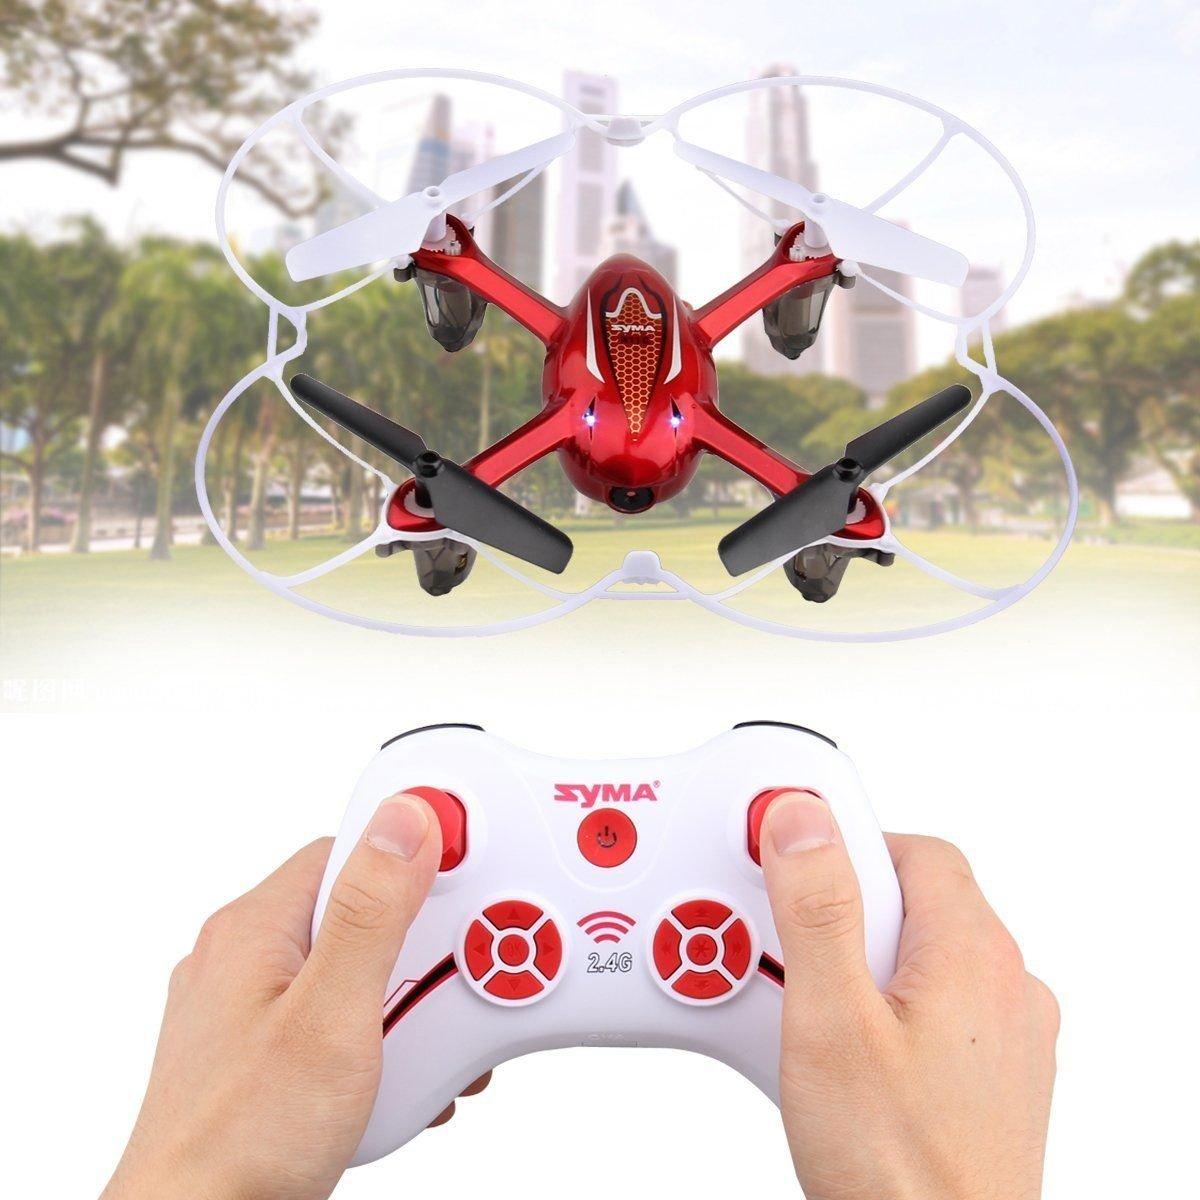 tienda Promoción por tiempo tiempo tiempo limitado Syma X11C RC 2.4G RC Quadcopter Mini Drone Helicopter Aircraft With 2MP HD Camera  LED Light WildGrow (X11C Red)  Felices compras